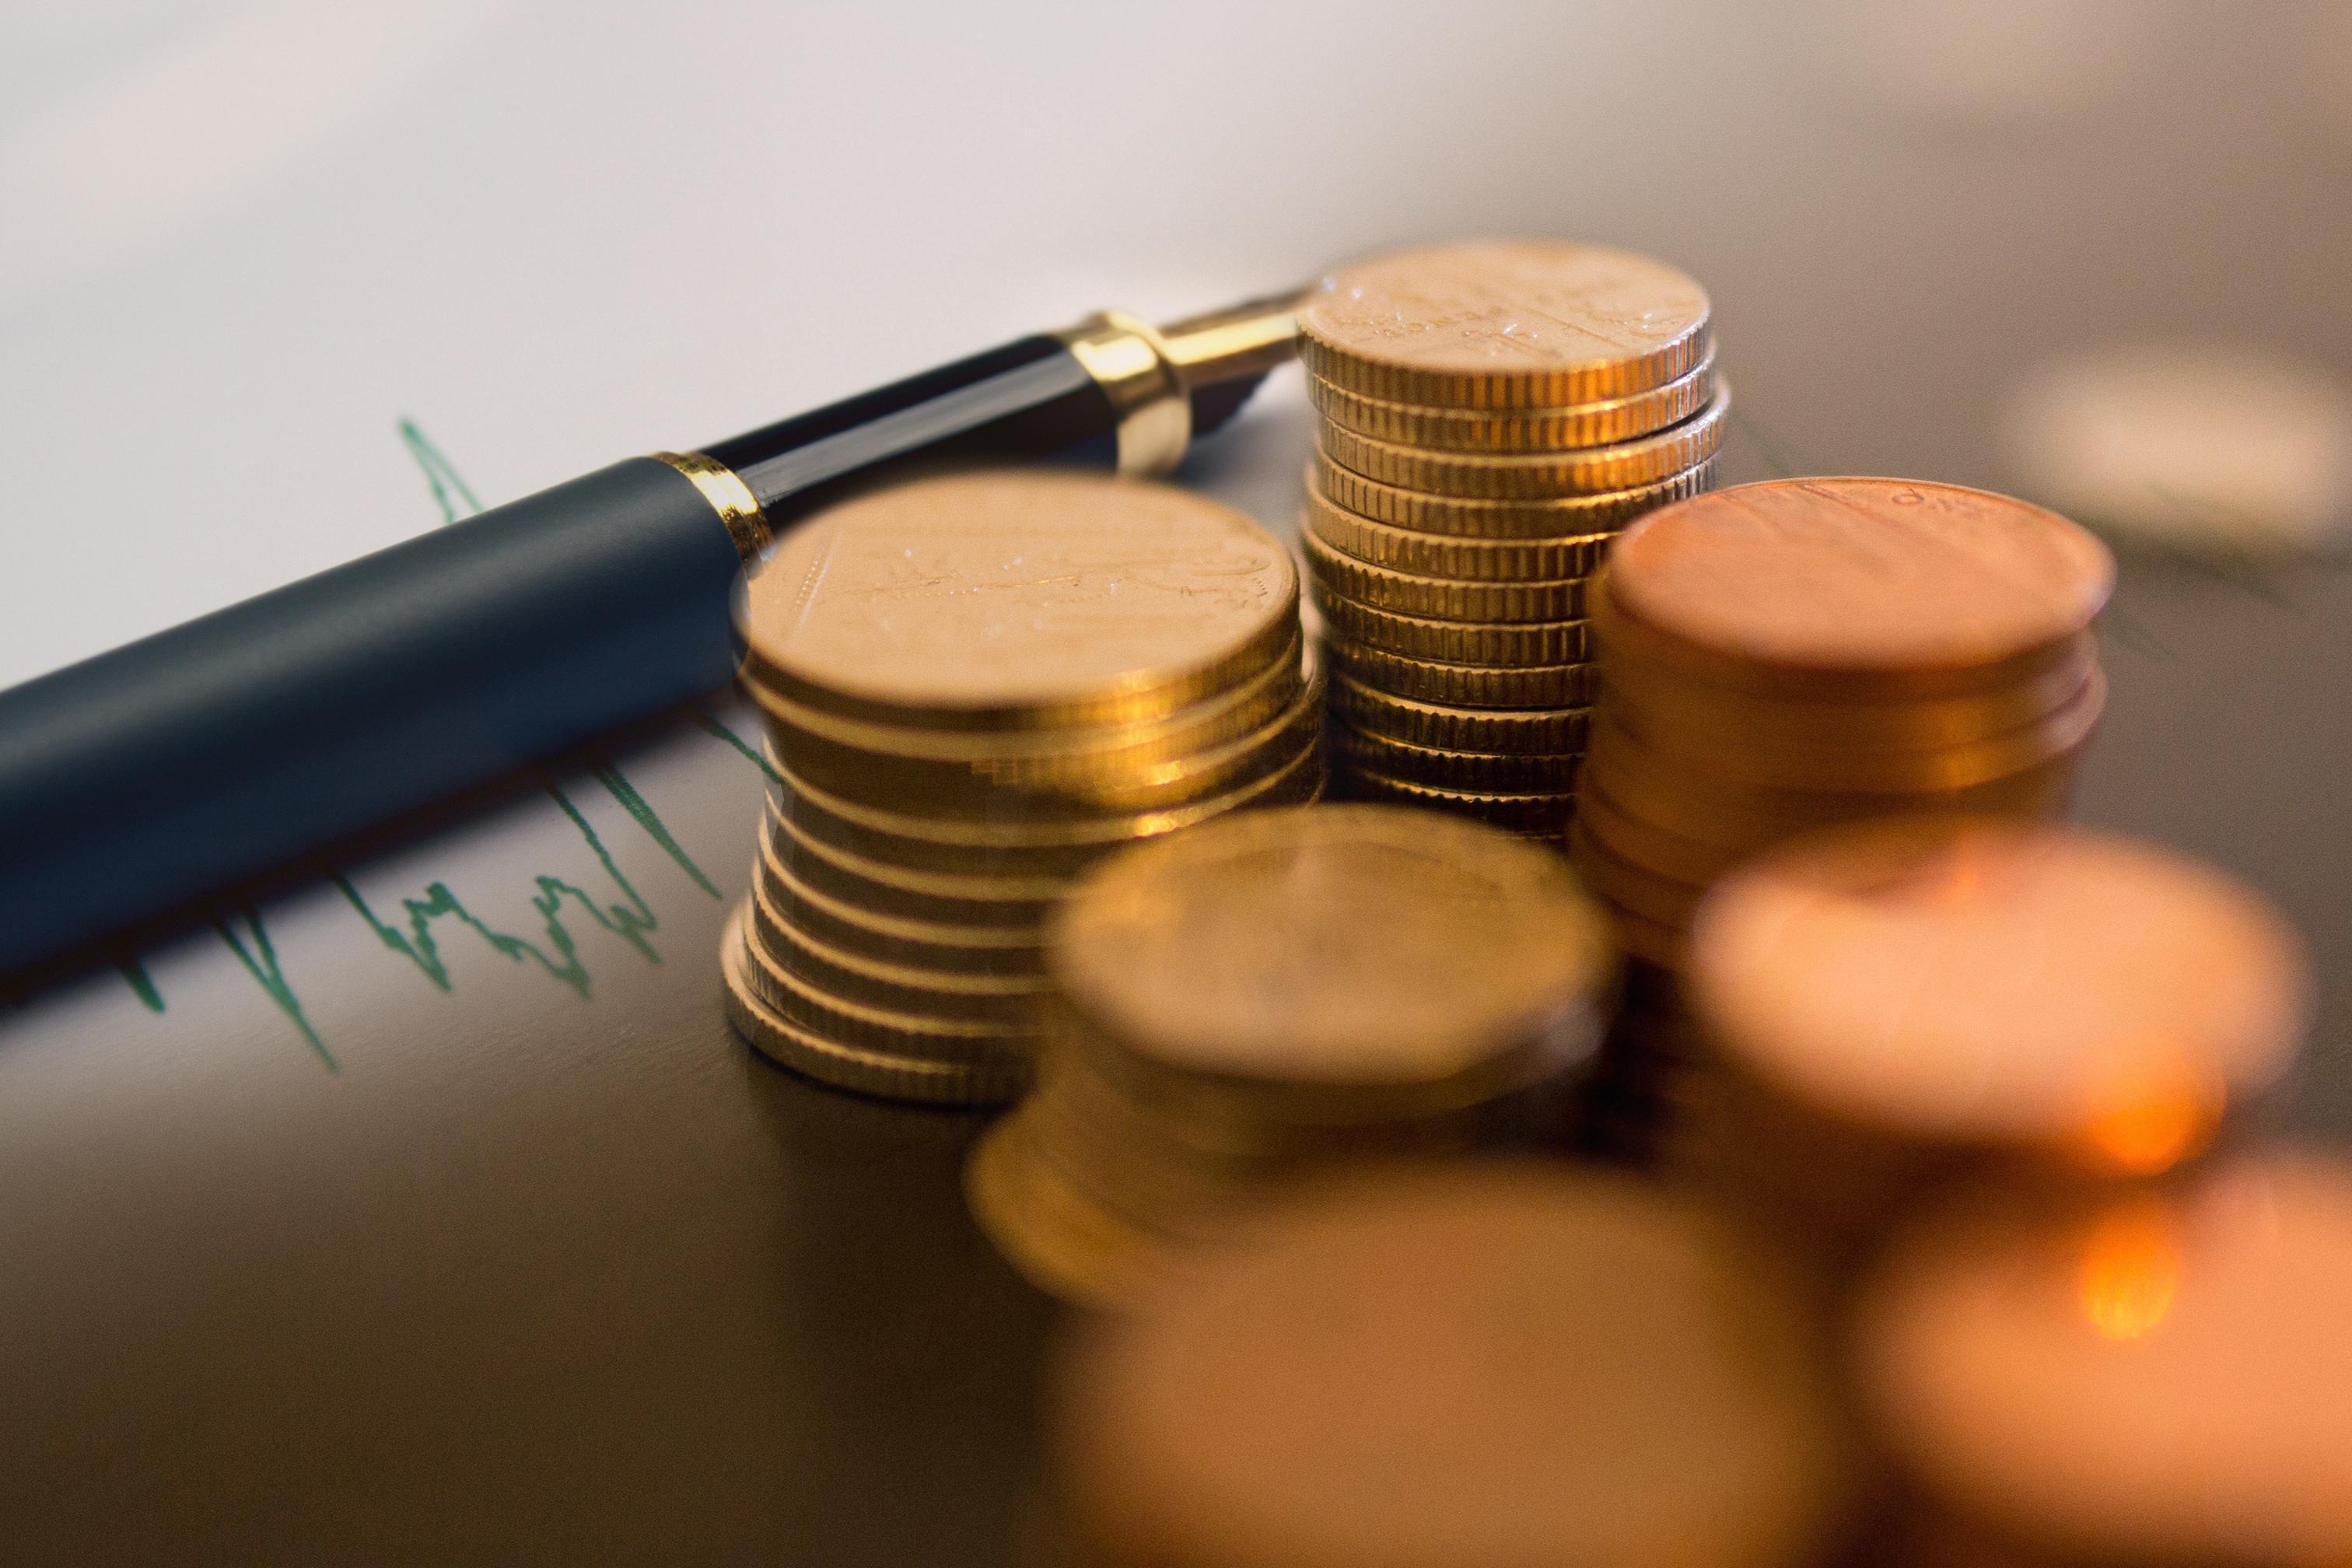 最高额抵押担保的债权是什么